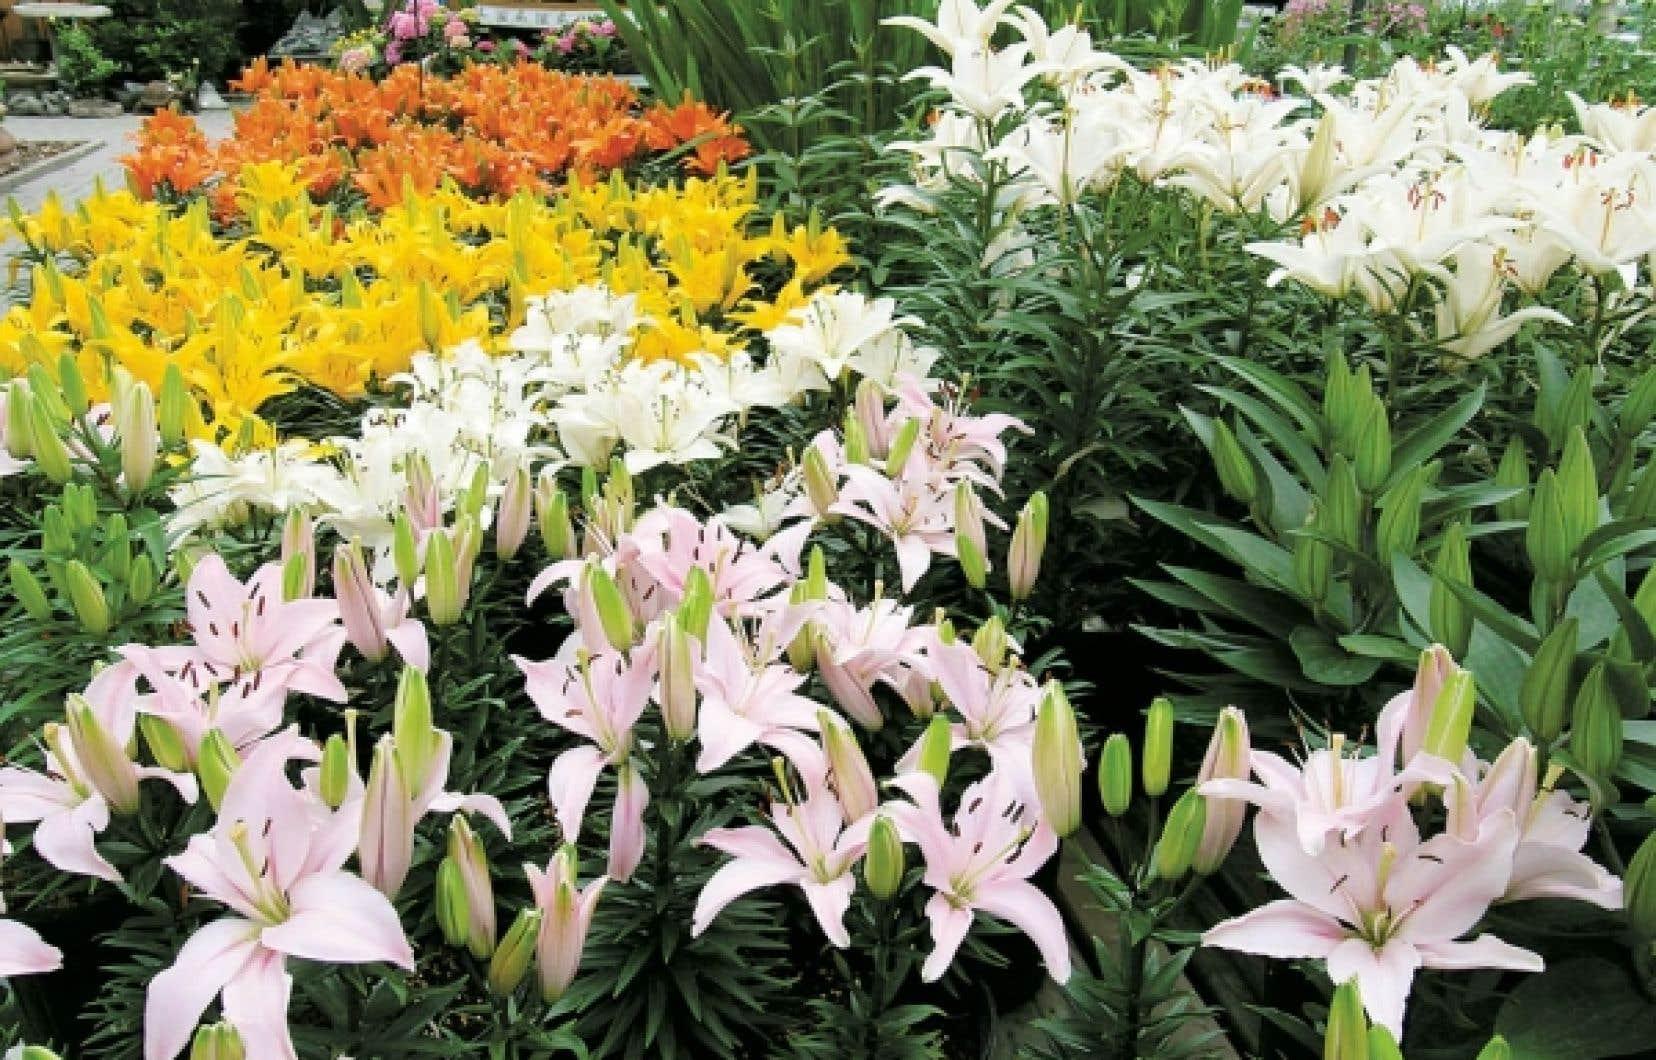 Les lys hybrides de la série Tiny. Les lys aiment les sols maintenus humides, mais non détrempés, et adorent être baignés de soleil. <br />